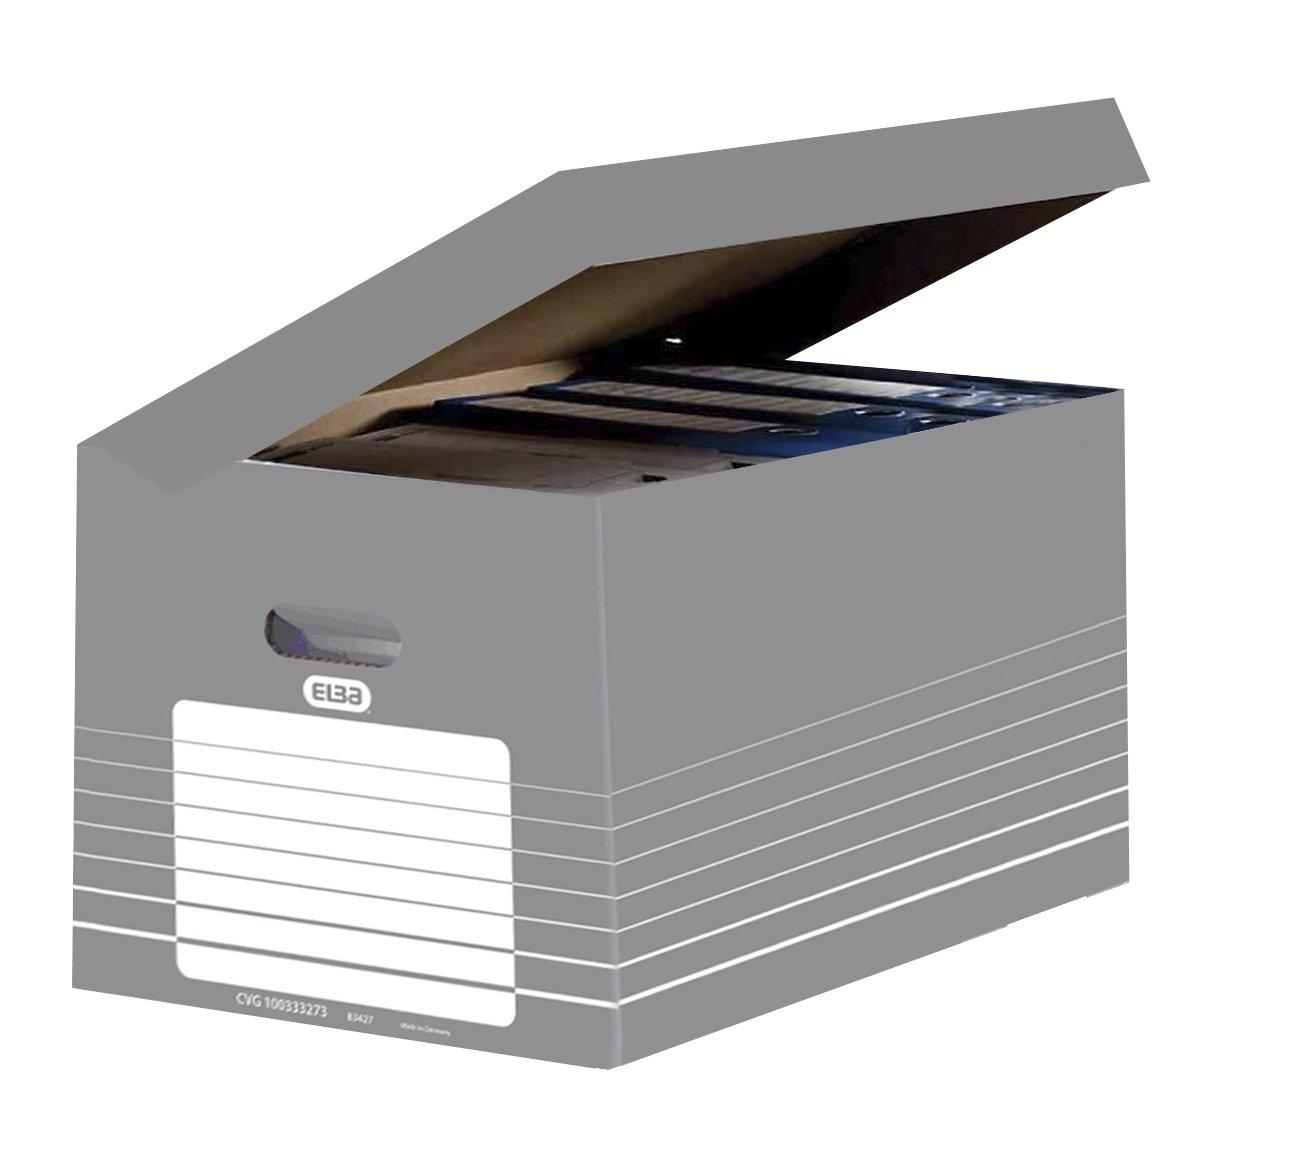 Elba 400061159 - - - Contenedor automontable con tapa integrada cf6c60